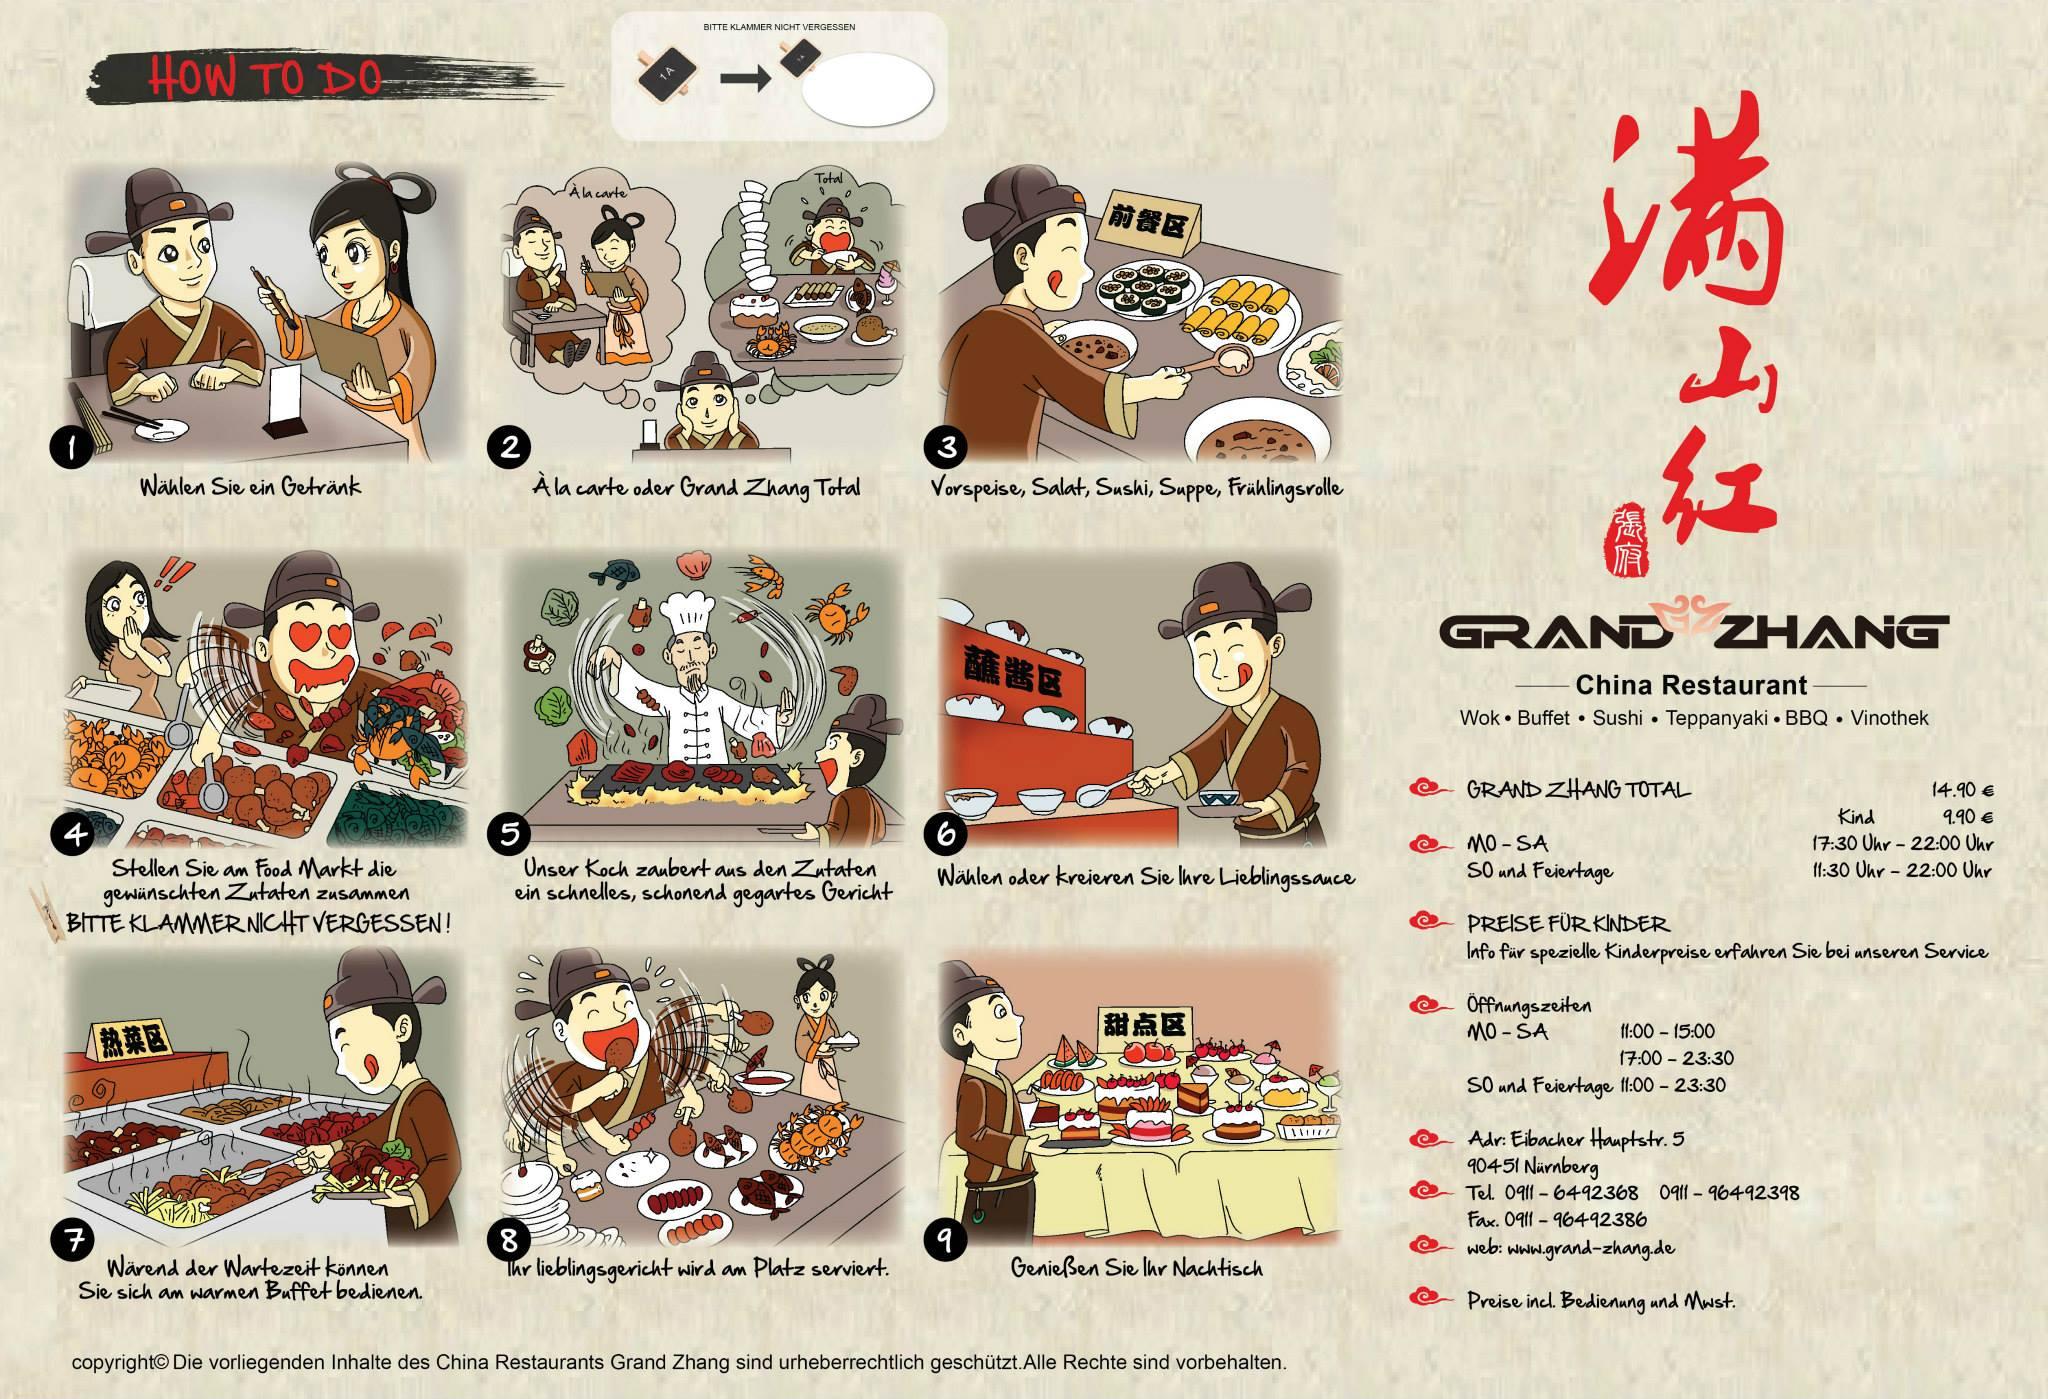 grand zhang china restaurant n rnberg. Black Bedroom Furniture Sets. Home Design Ideas